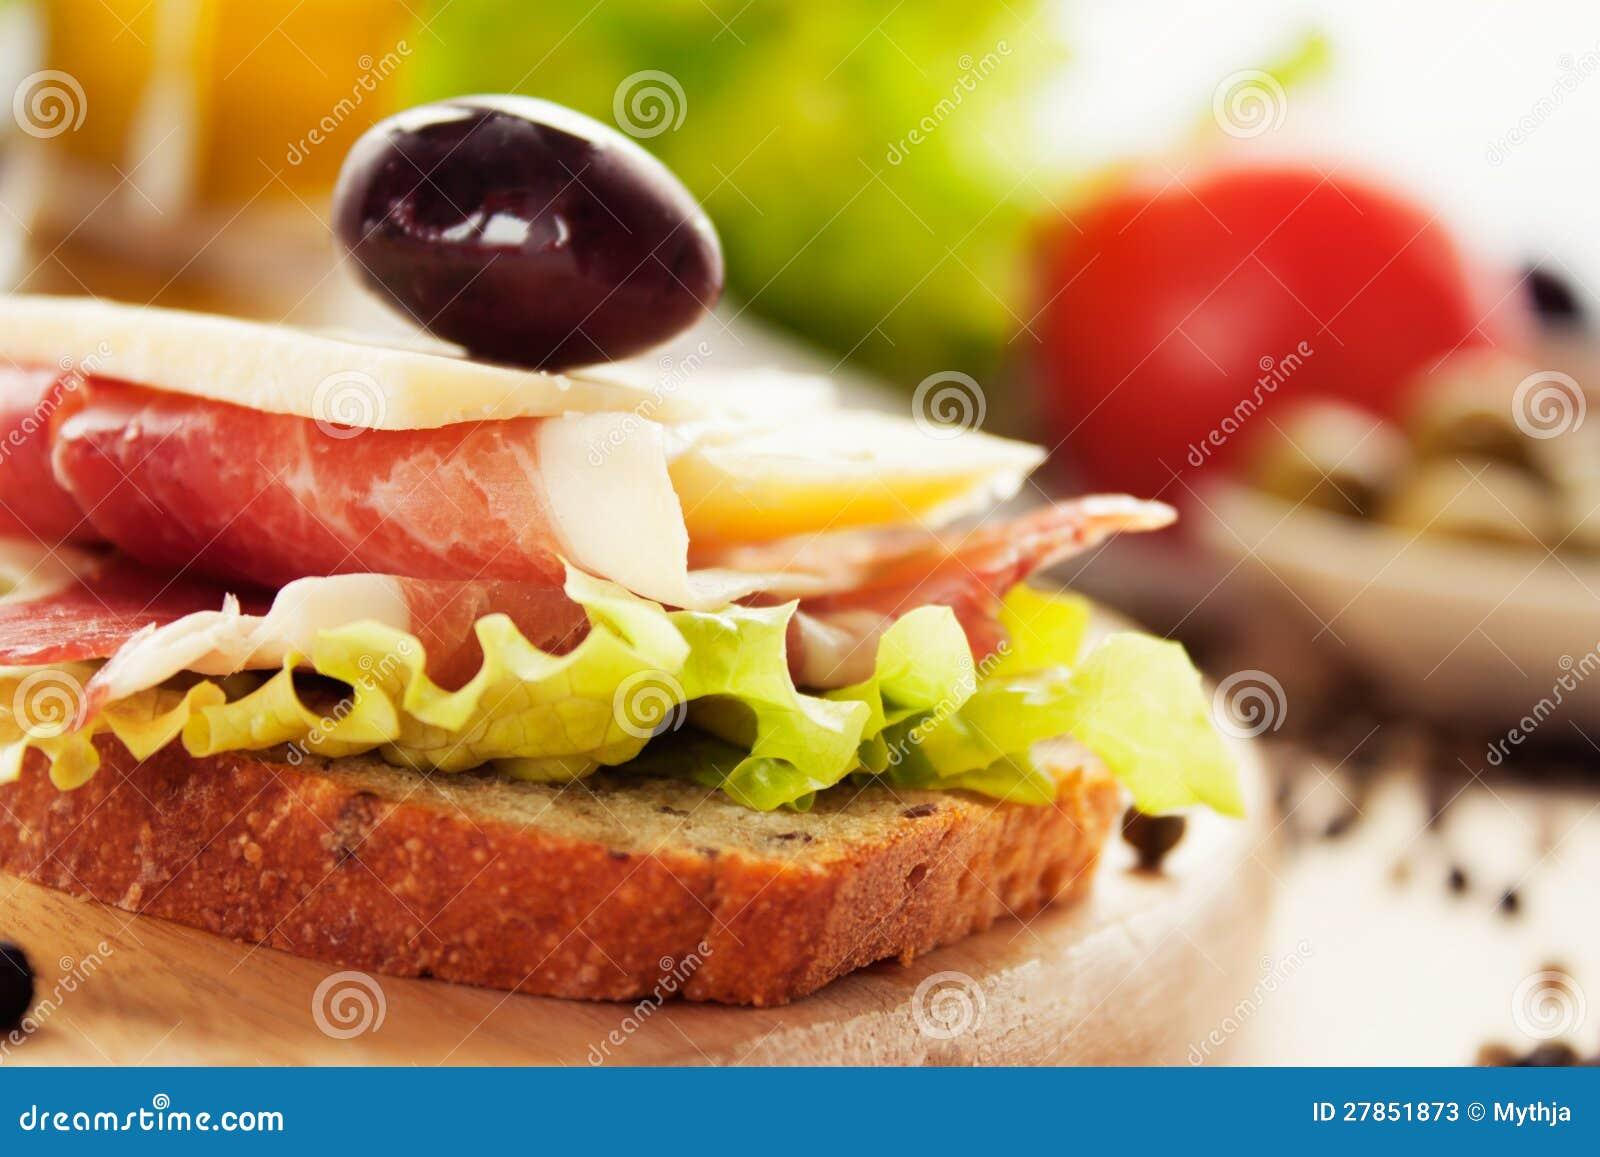 Prosciutto i serowa kanapka